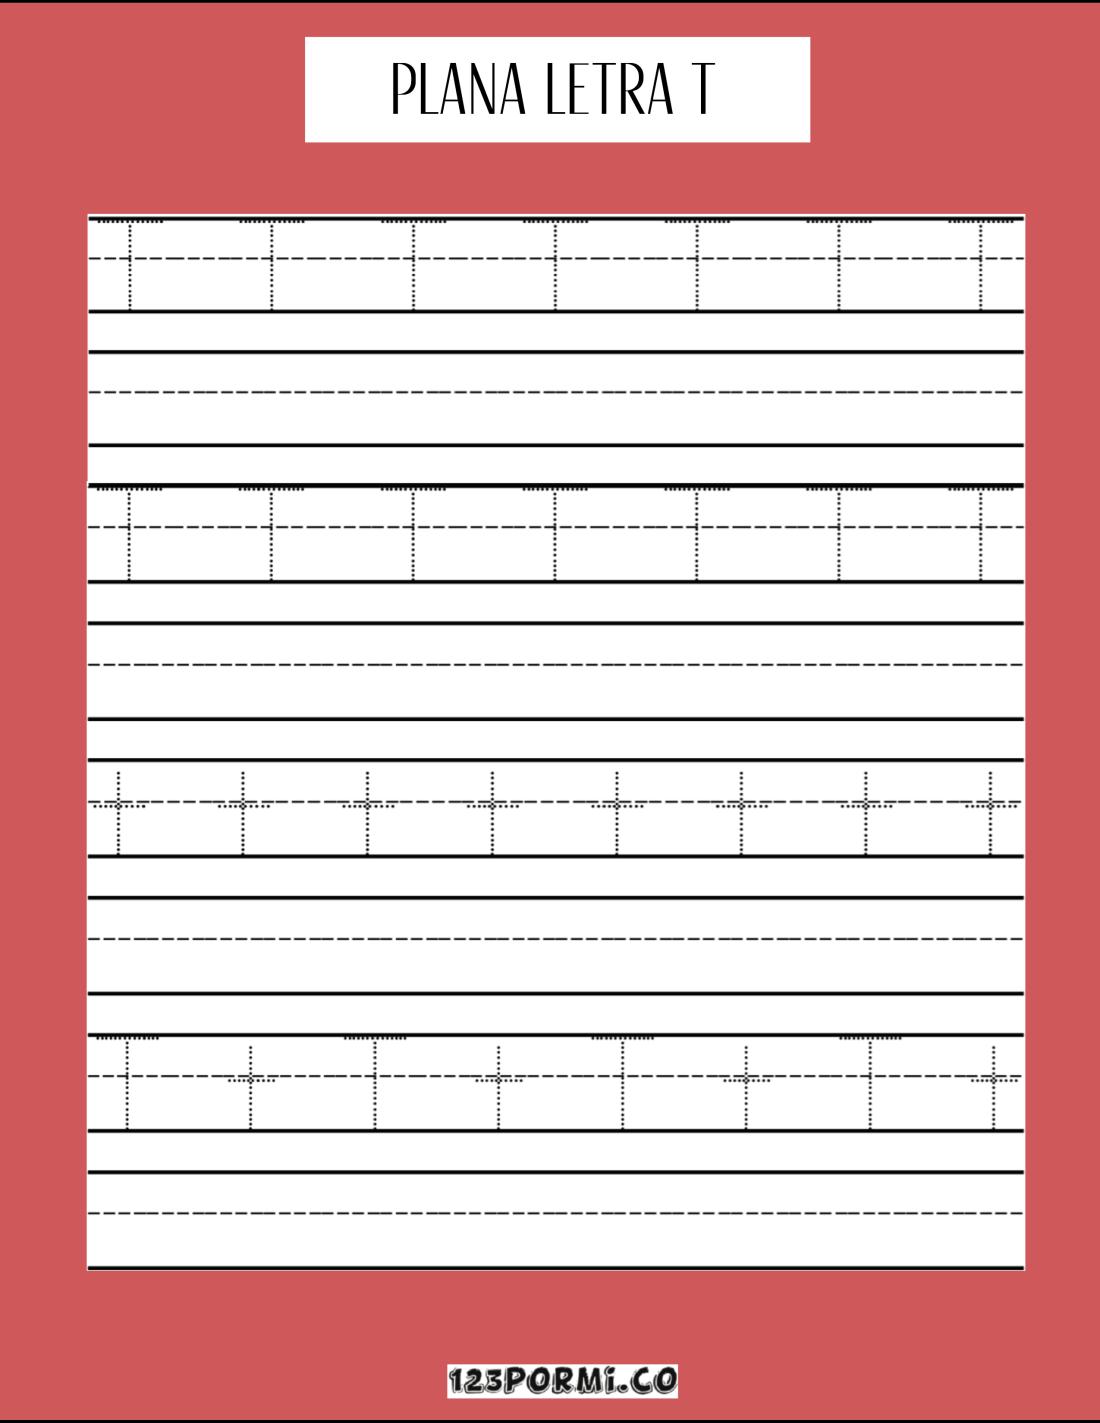 Plana letra t_Mesa de trabajo 1